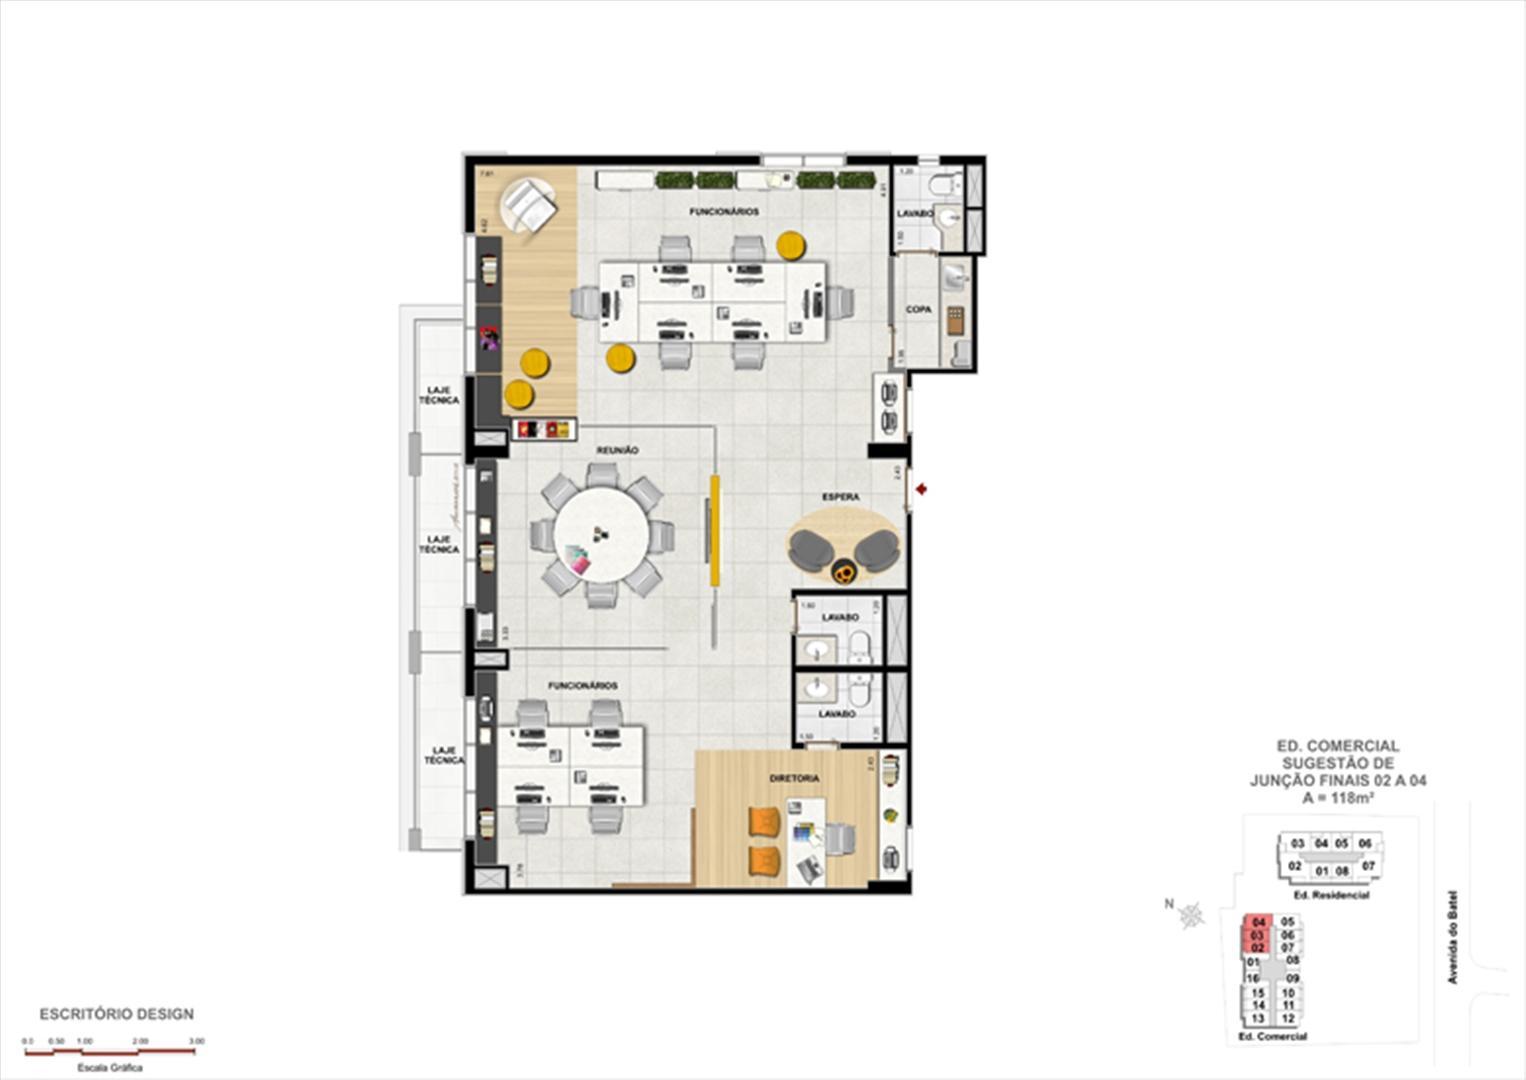 planta Modelo de Escritório de Design | 1550 Batel Comercial (Work Batel) – Salas Comerciais no  Batel - Curitiba - Paraná